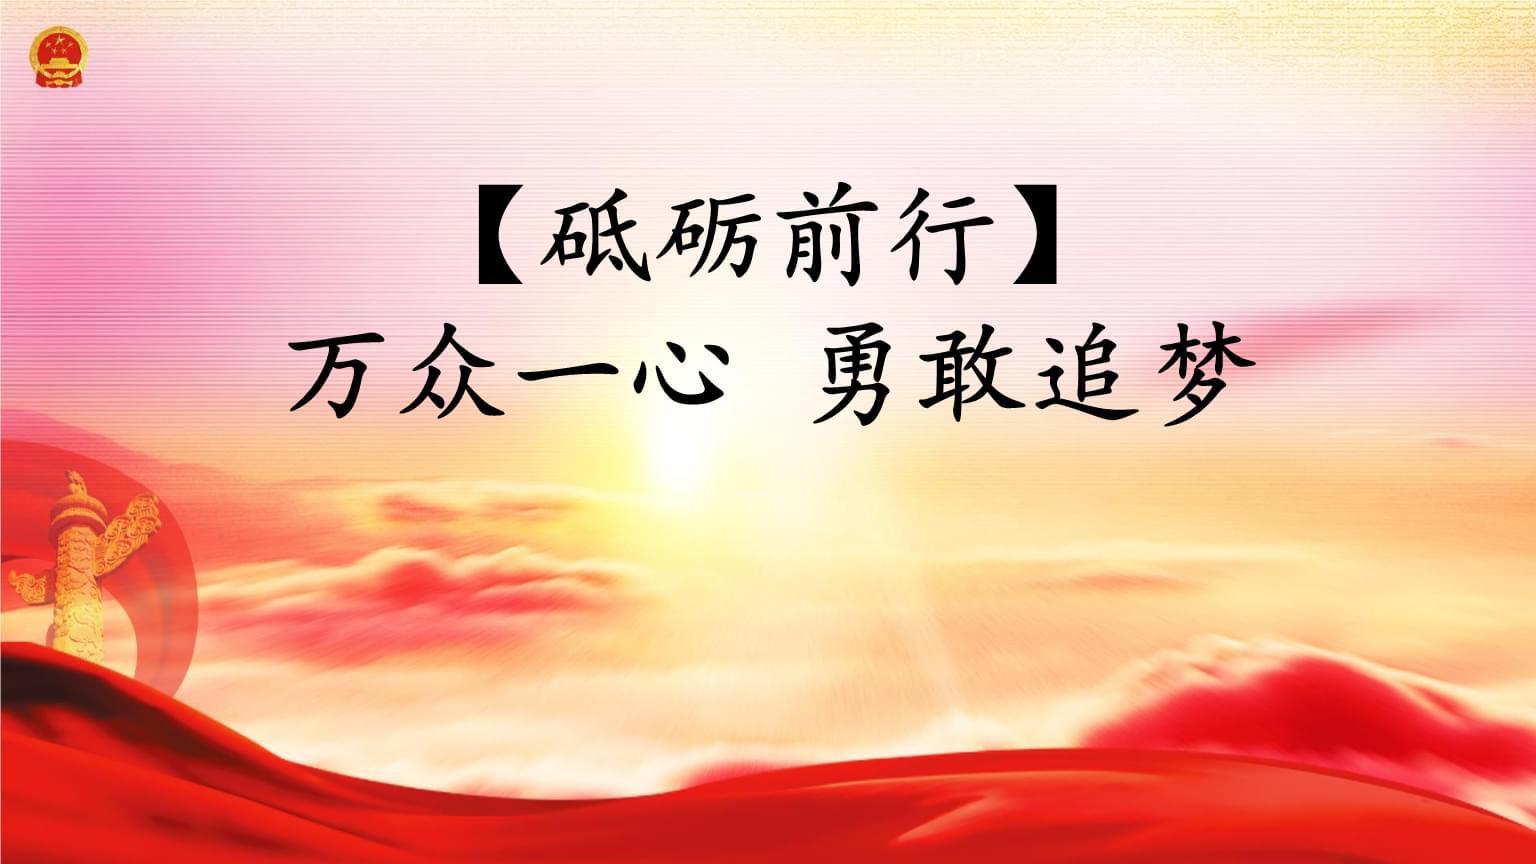 红色七一建党节98年党的光辉历程模板党课党建党政.pptx